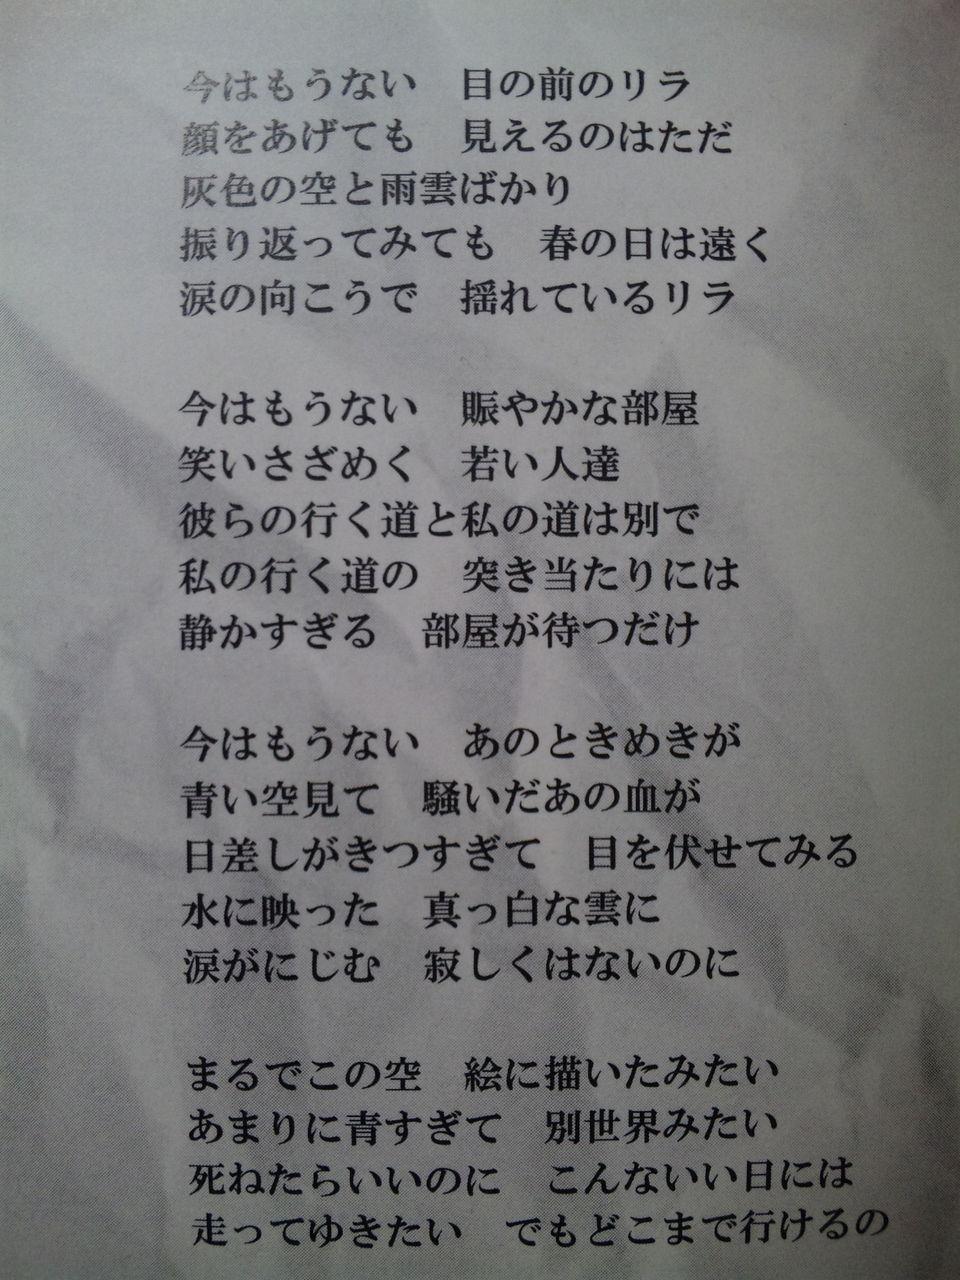 映画「ある愛の歌( Love Story)」の英語歌詞を探 …